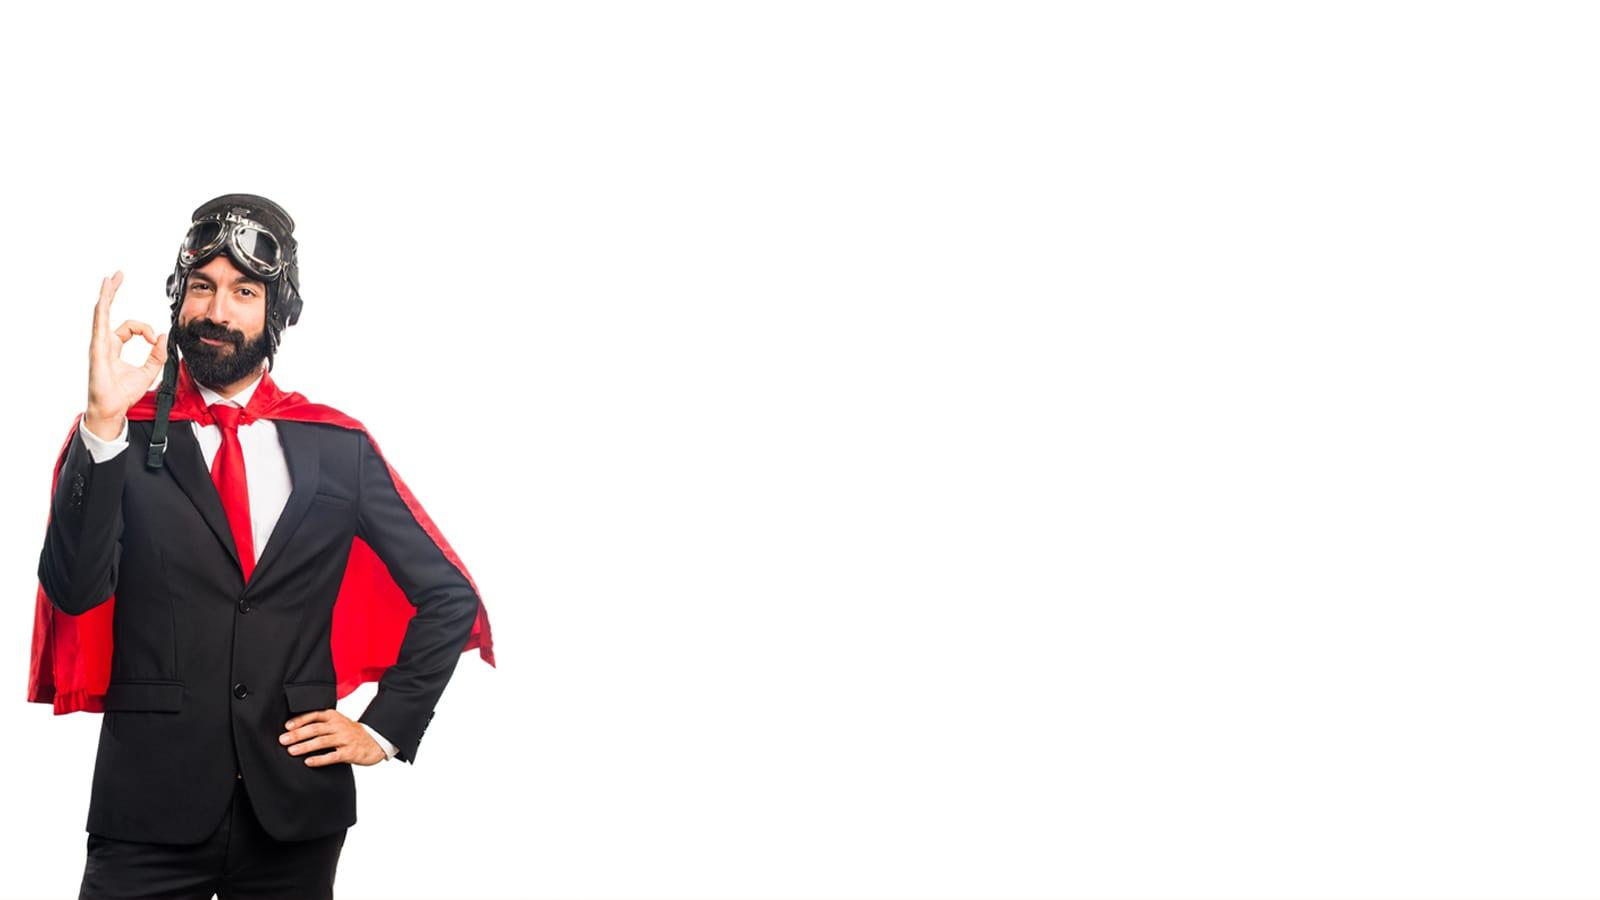 Immeuble à vendre Remy Benoit Meyer Consultant Immobilier à Ensisheim et 68 Wittenheim - Devenir propriétaire d'une maison dans le Haut-Rhin ? Et mieux, d'une maison correspondant parfaitement à vos envies, besoins et budget ? Que vous cherchiez une petite maison cocooning ou une belle surface habitable, une maison jumelée ou individuelle, une maison de plain-pied ou à étages, je saurai trouver le bien immobilier qu'il vous faut ! La région se distingue par la grande diversité de ses offres immobilières : on peut y acheter de jolies maisons traditionnelles avec terrasse, jardin, garage, etc., le tout dans un cadre bucolique… mais également de belles maisons modernes en pleine ville. Et que vous souhaitiez vous lancer dans des travaux de rénovation, je dénicherai votre future habitation !